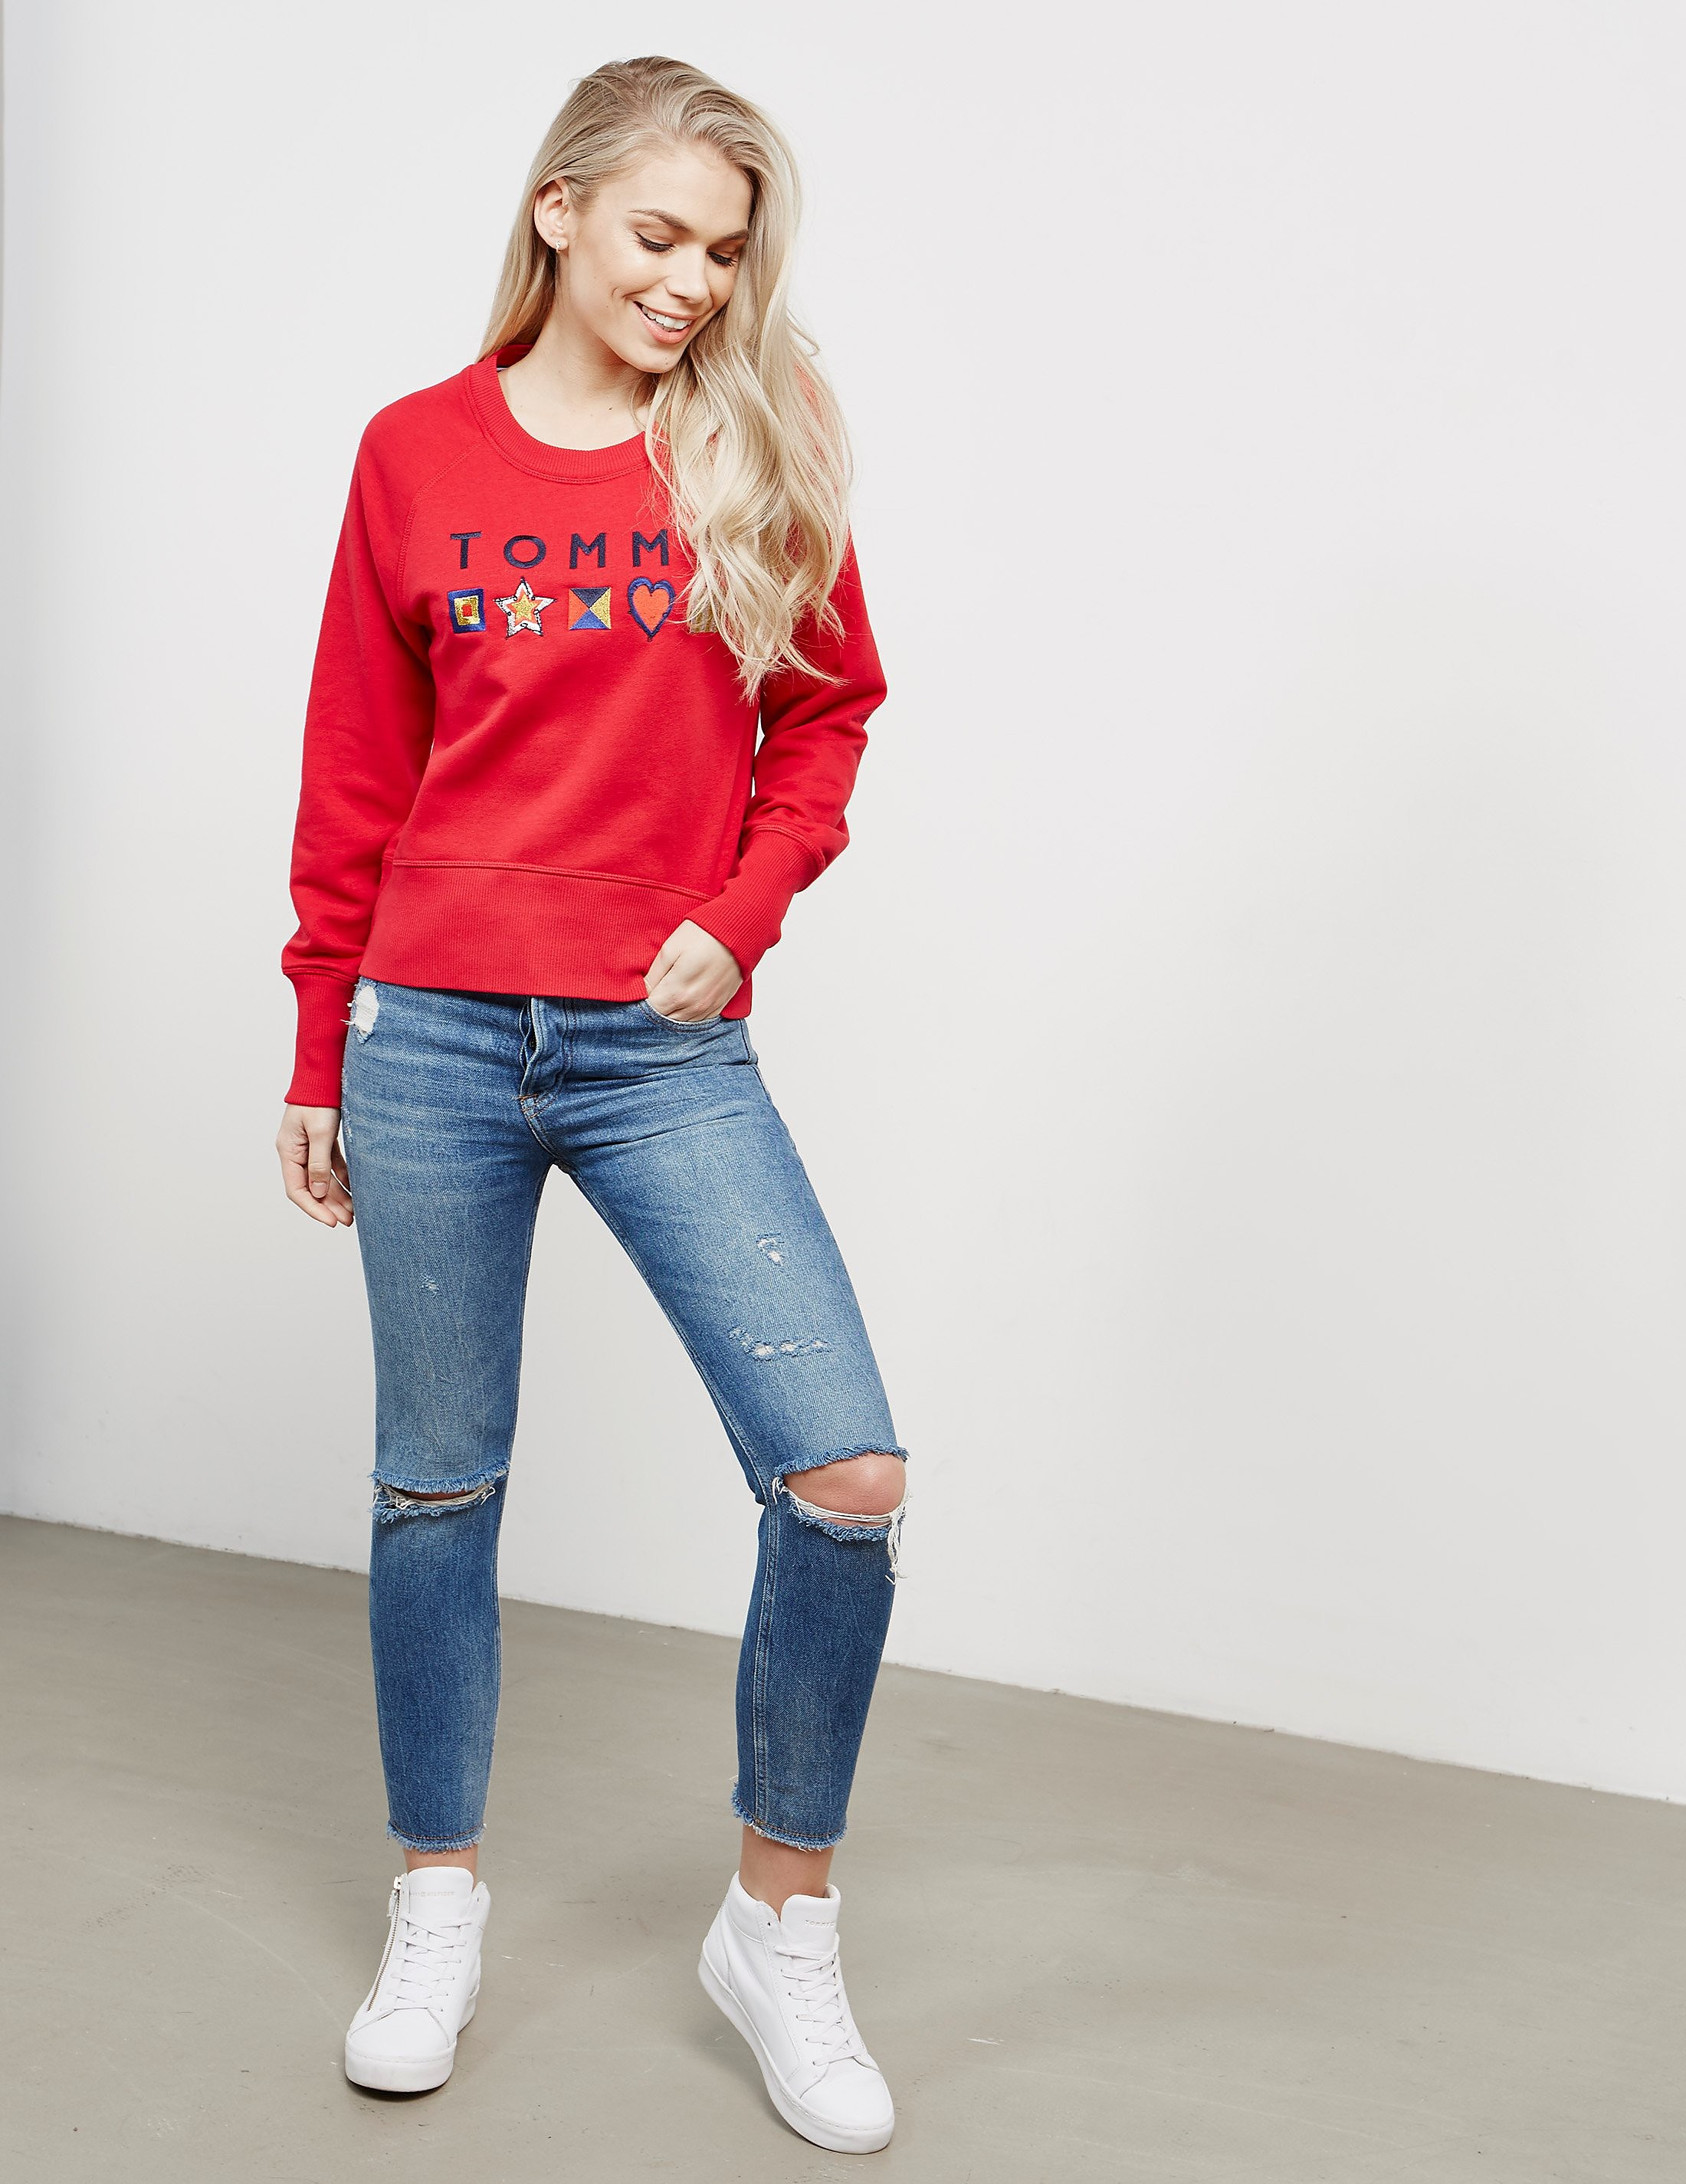 Tommy Hilfiger Clio Embroidered Sweatshirt